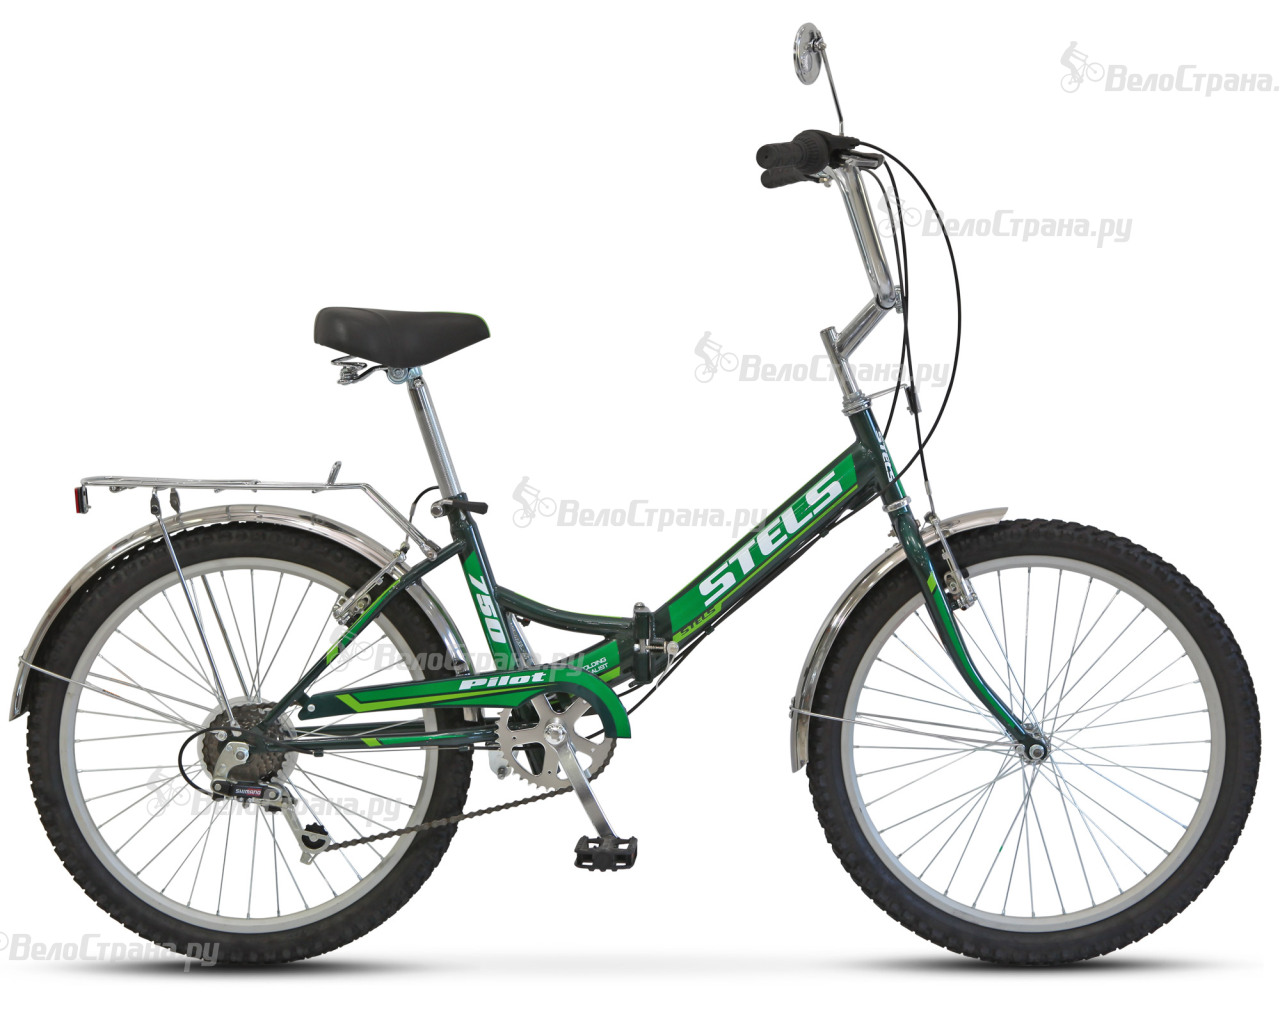 Велосипед Stels Pilot 750 (2017) велосипед stels pilot 410 2015